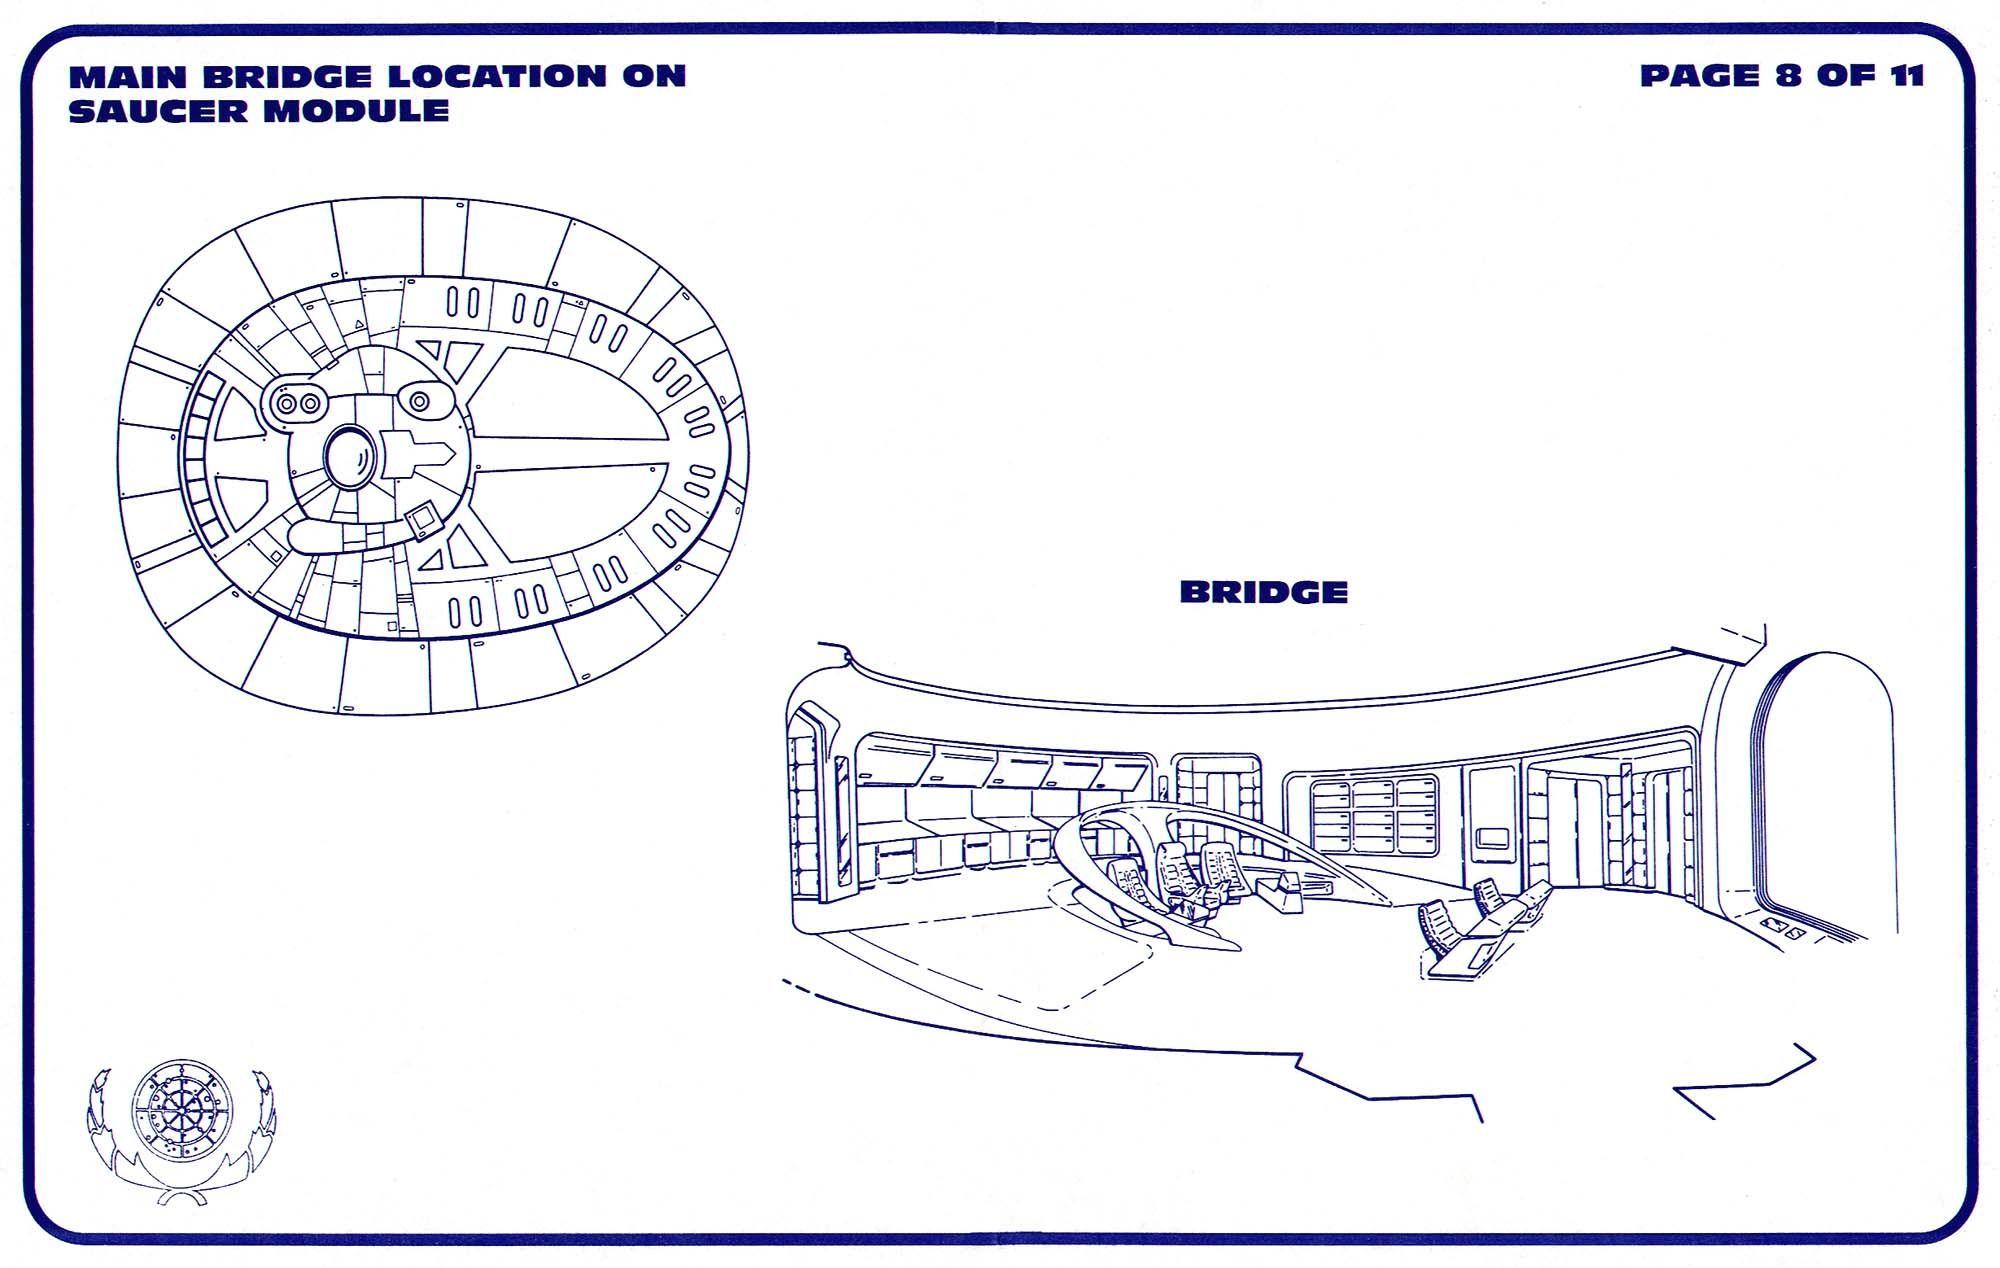 Uss enterprise ncc 1701 d galaxy class saucer separation r flickr - Schematic Of Bridge On U S S Enterprise Ncc 1701 D